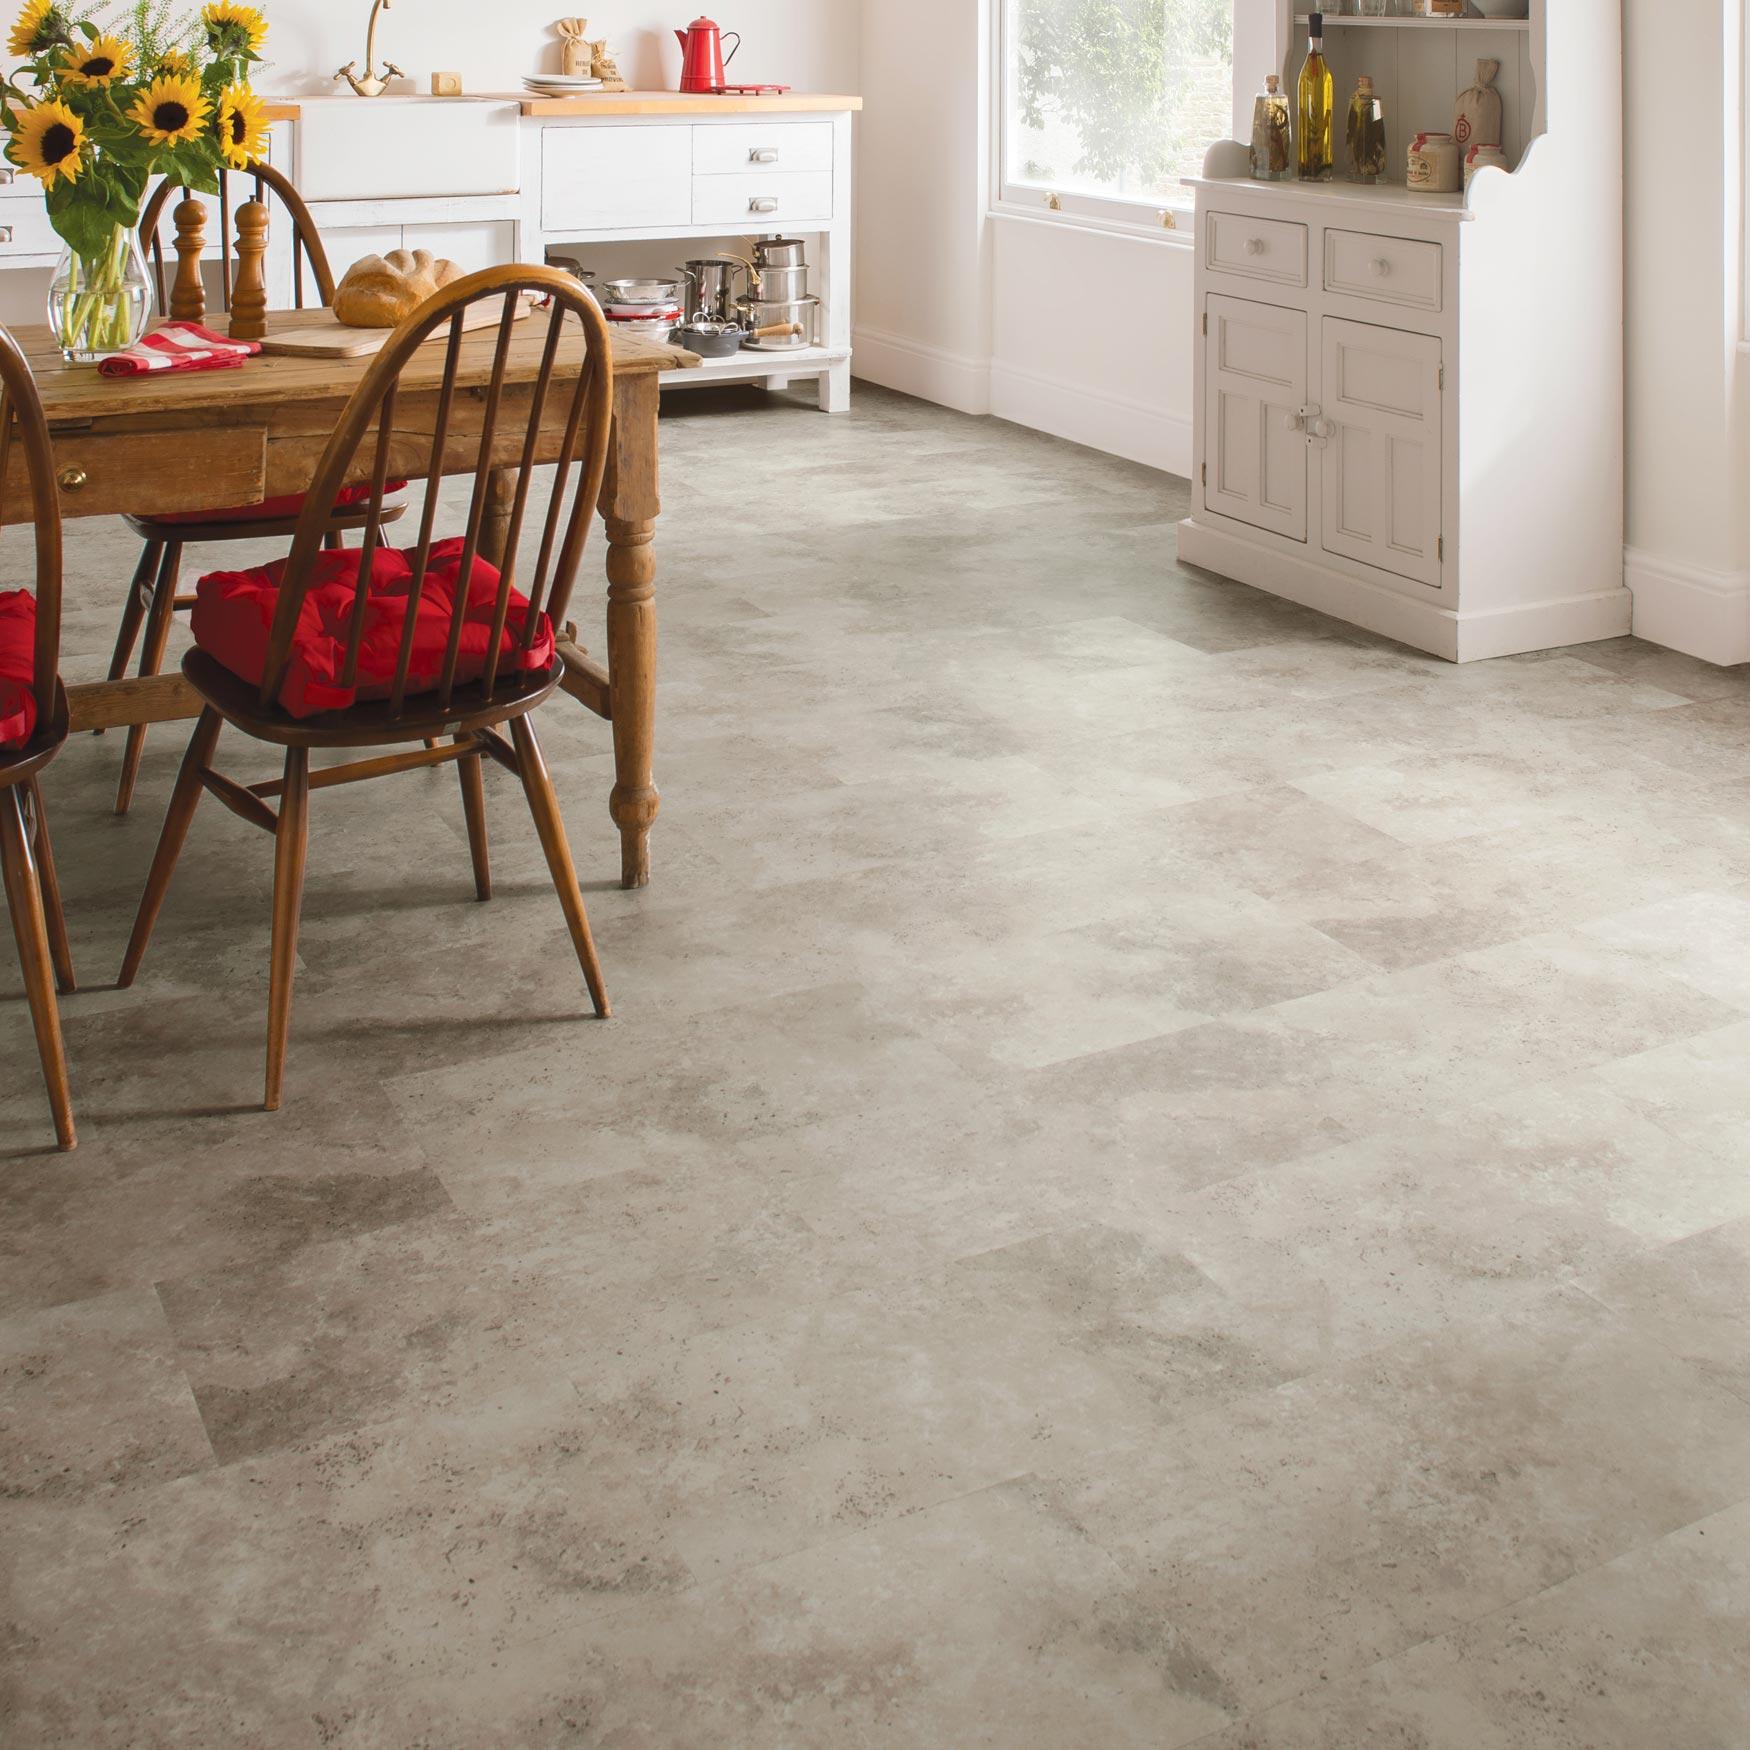 karndean kitchen floor lino Karndean Palio Pienza CT Clic Vinyl Tile